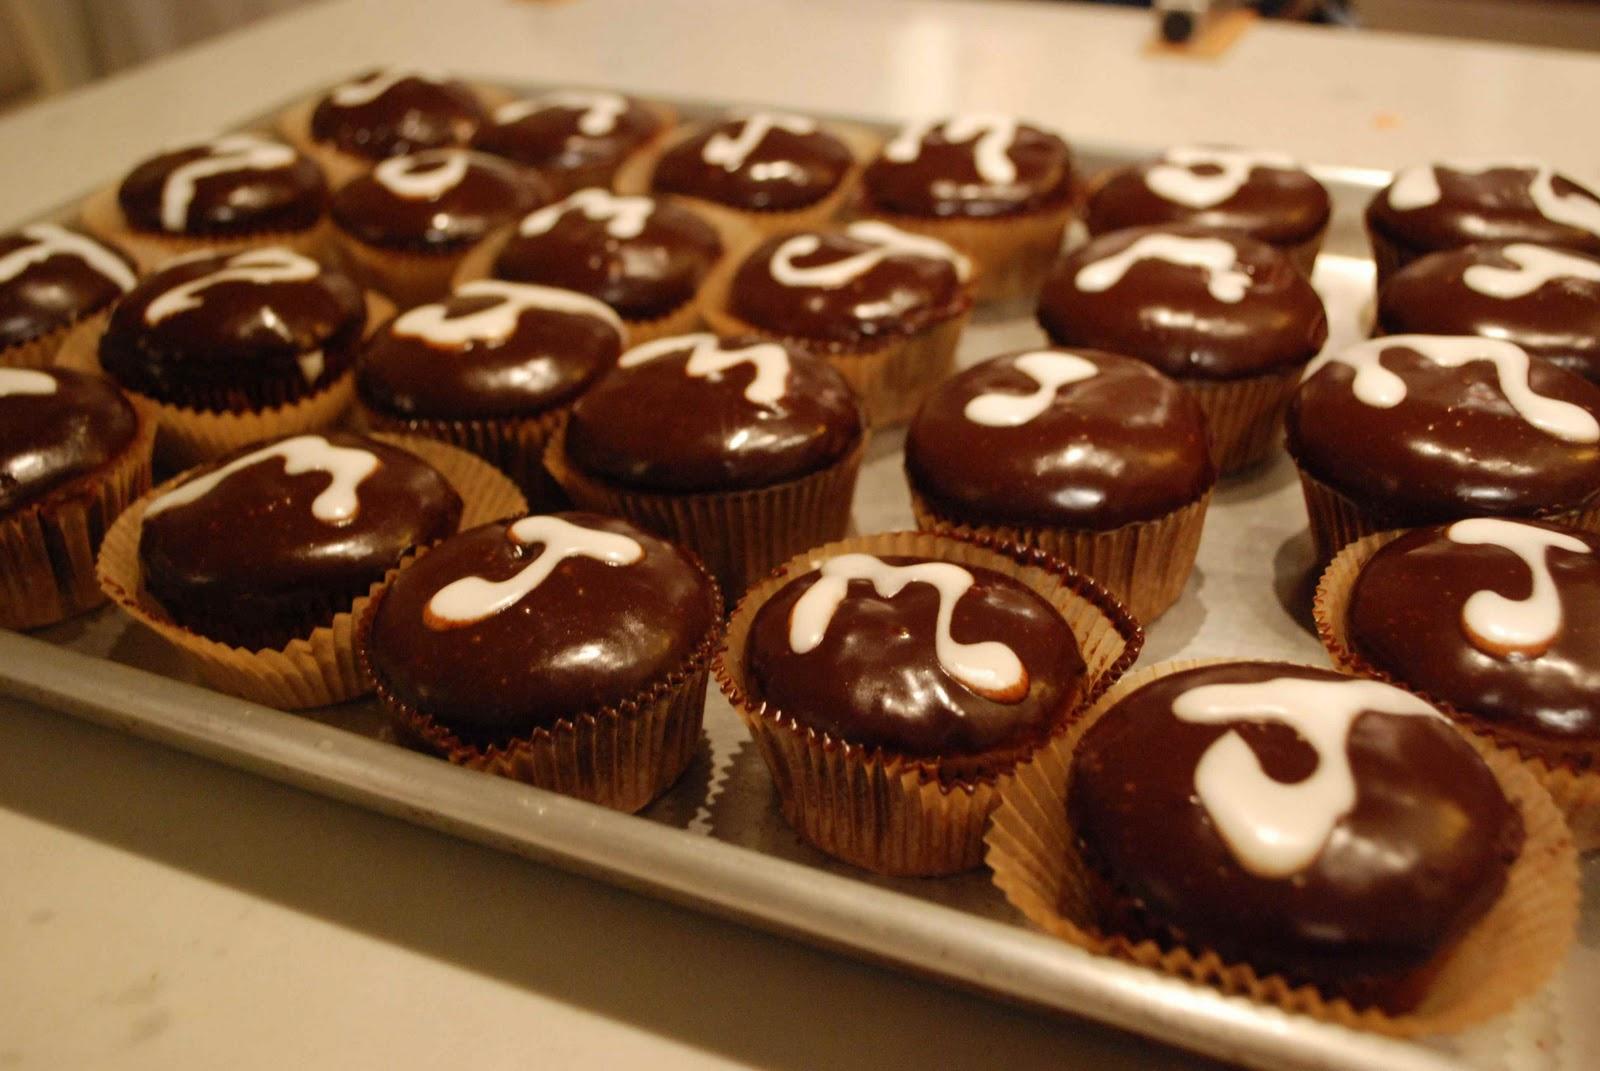 Whiskey Soaked Chocolate Bundt Cake